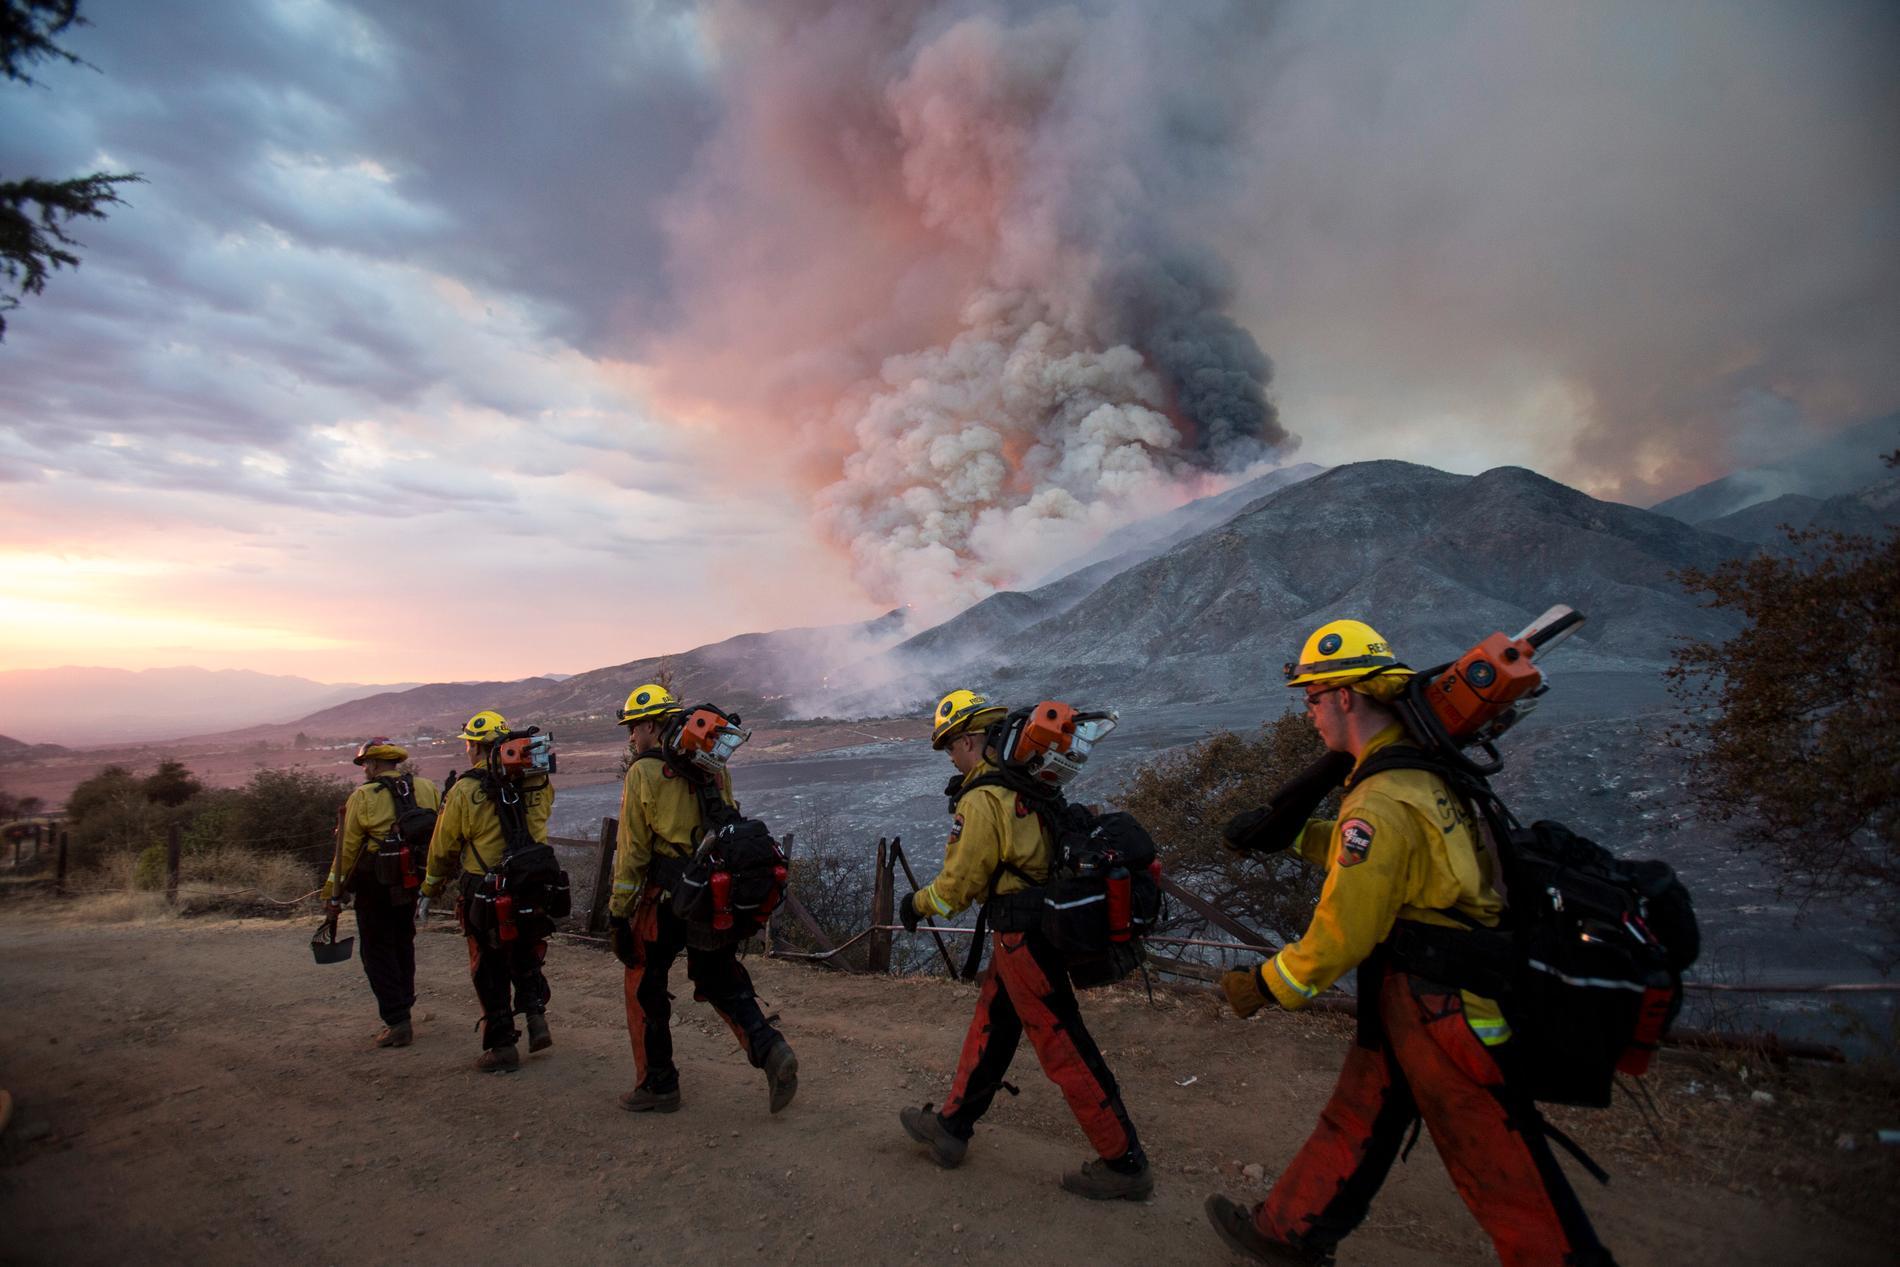 Det är just nu flera stora bränder i Kalifornien, varav en har gjort att campare blivit fast i en nationalpark.